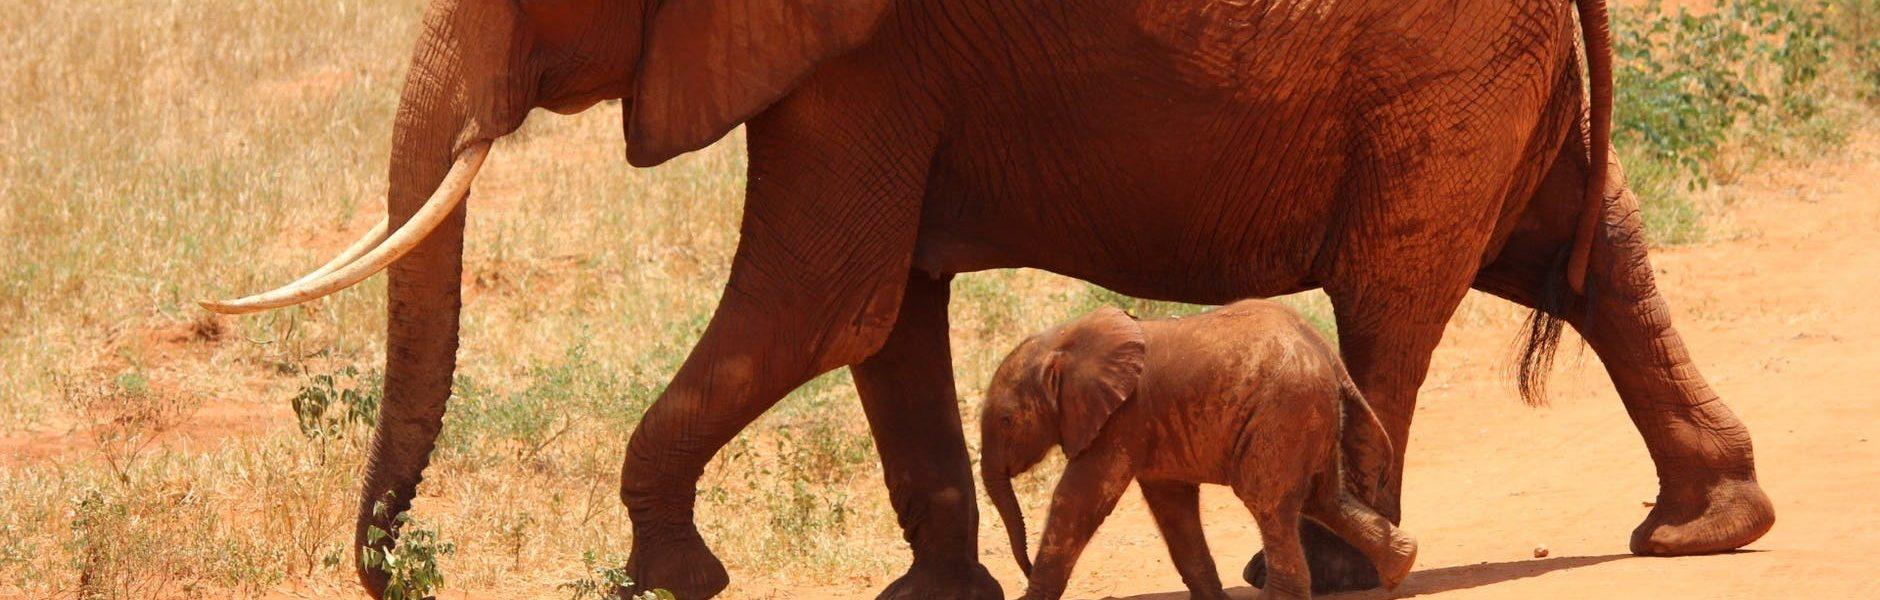 po co słoniom takie duże uszy?